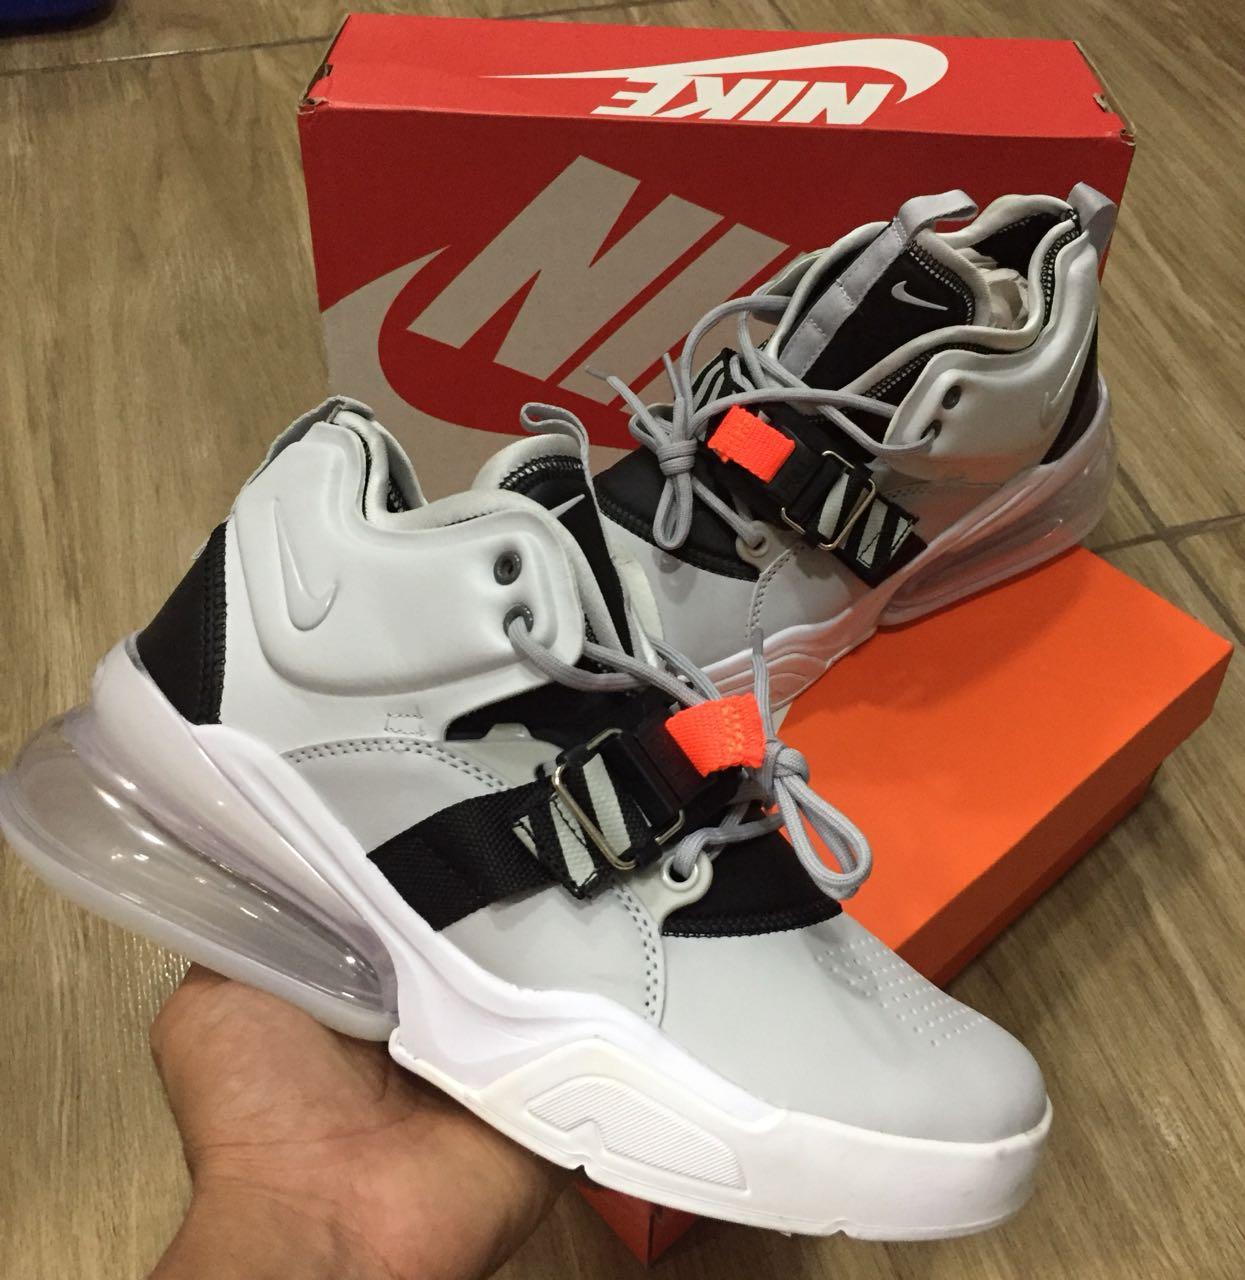 Zapatillas Nike air force one 270 para caballero - Zapatillas en Cali 2c9607a5894e6